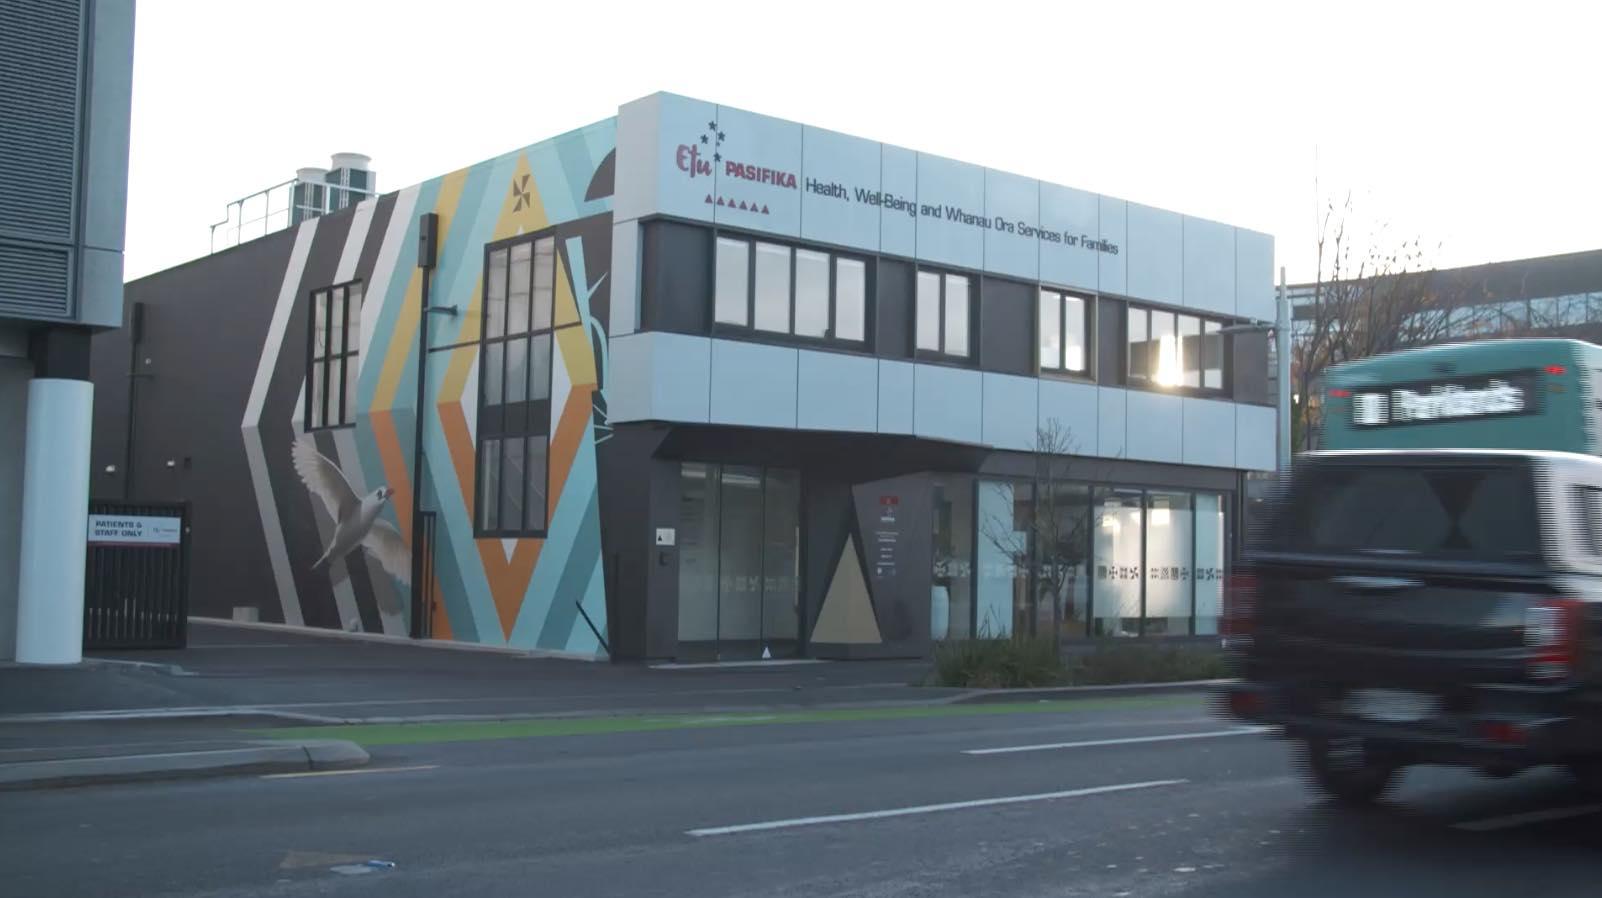 Etu Pasifika Pacific health centre in Christchurch